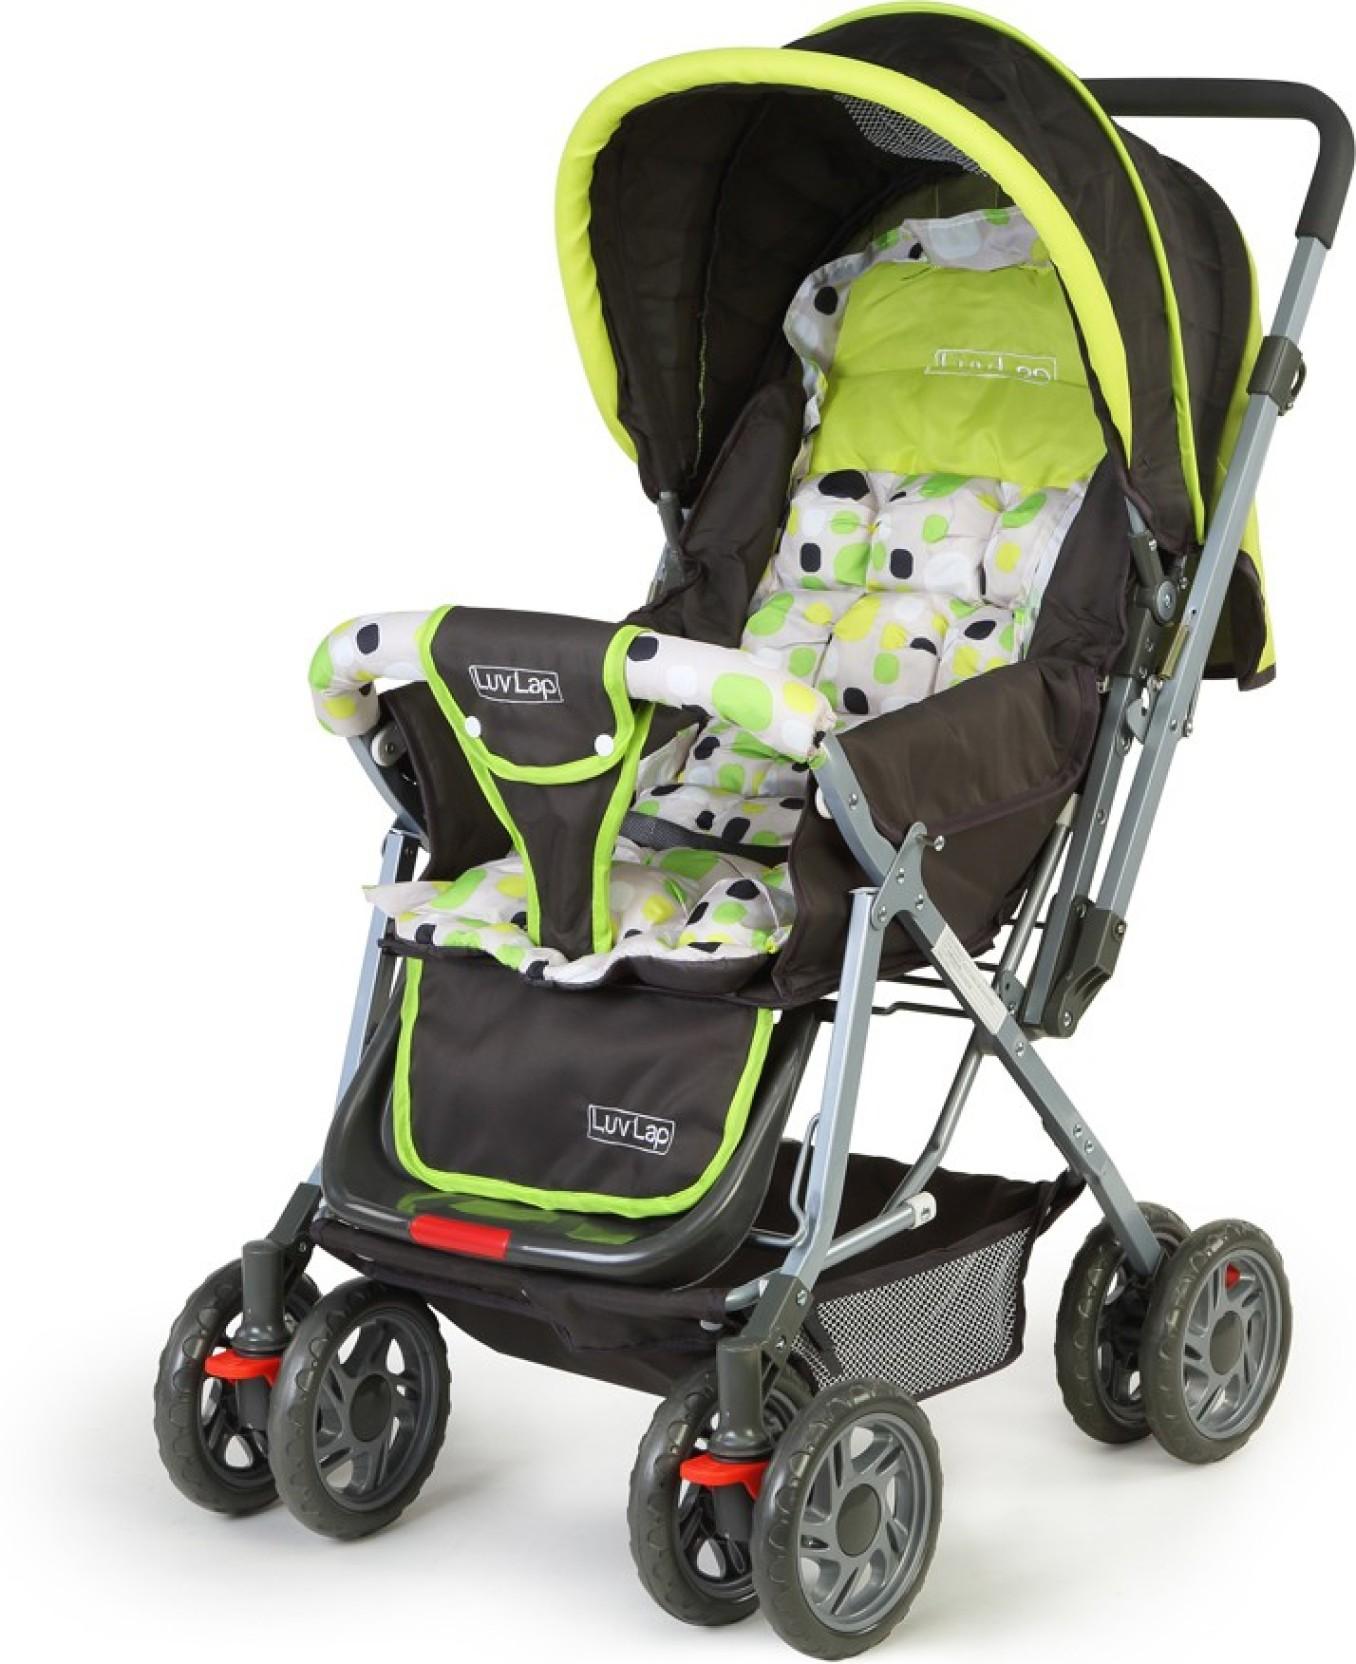 LuvLap Sunshine Baby Stroller - Buy Stroller for 3 - 24 ...